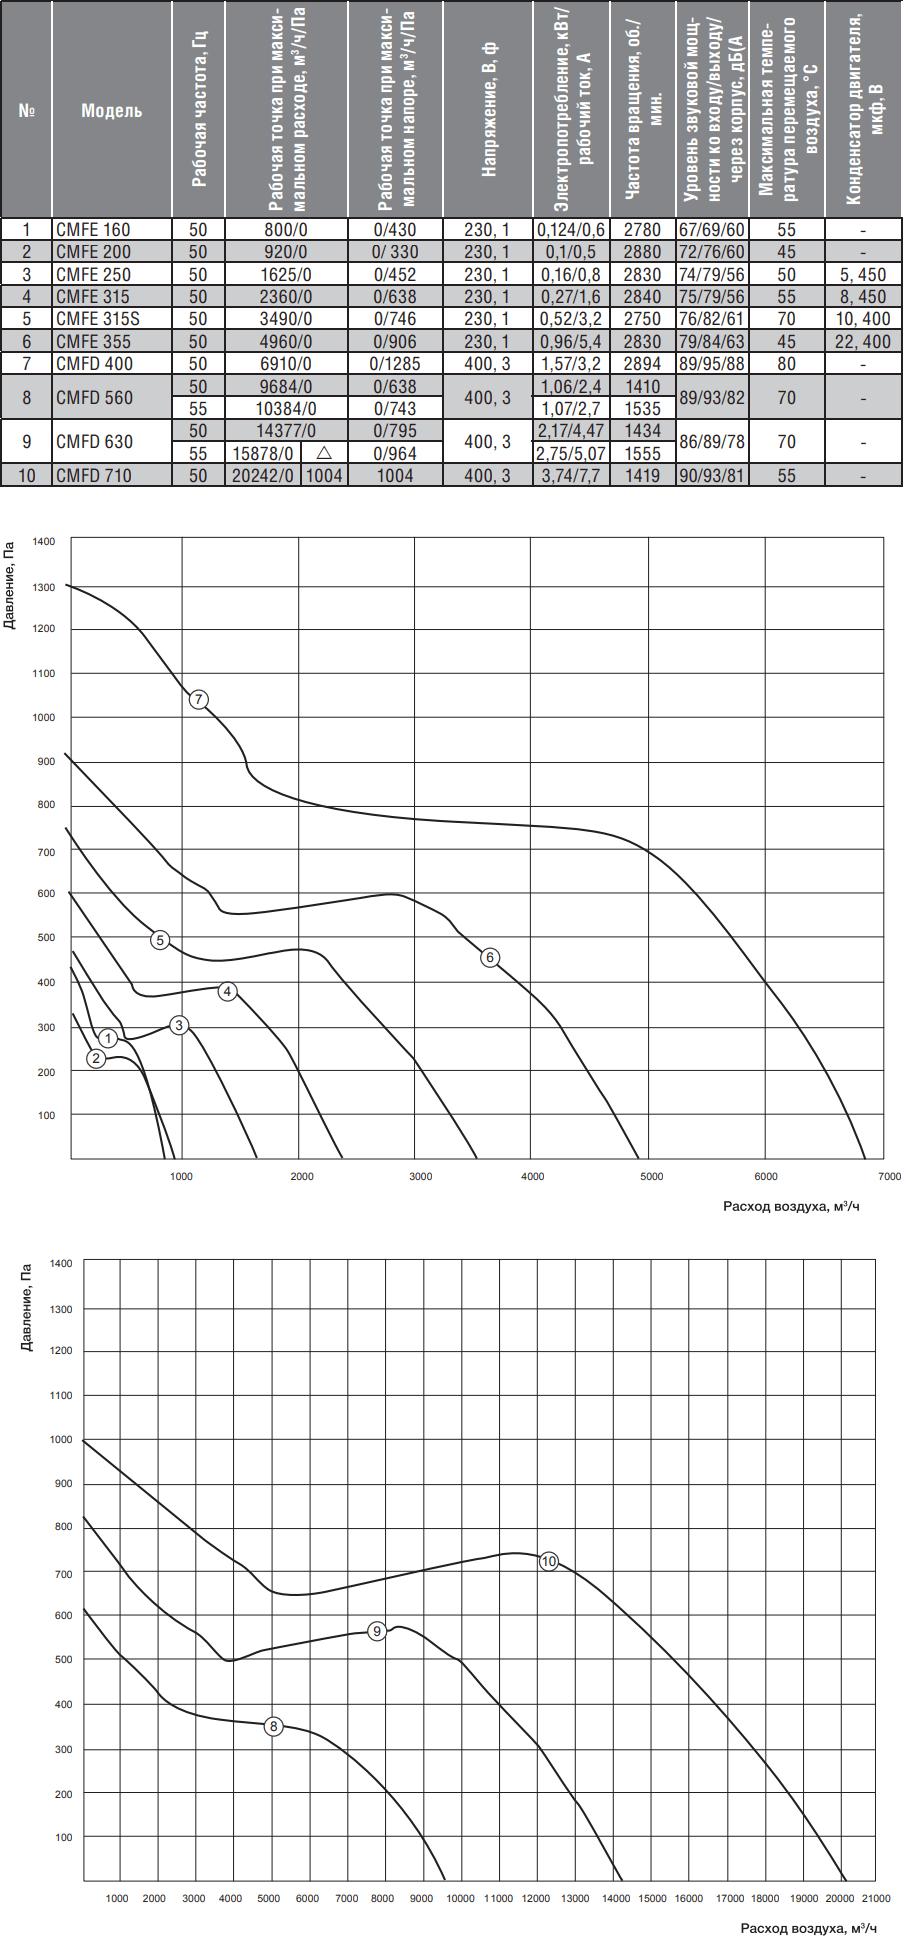 Канальный вентилятор Shuft CMFE/CMFD - Технические и аэродинамические характеристики